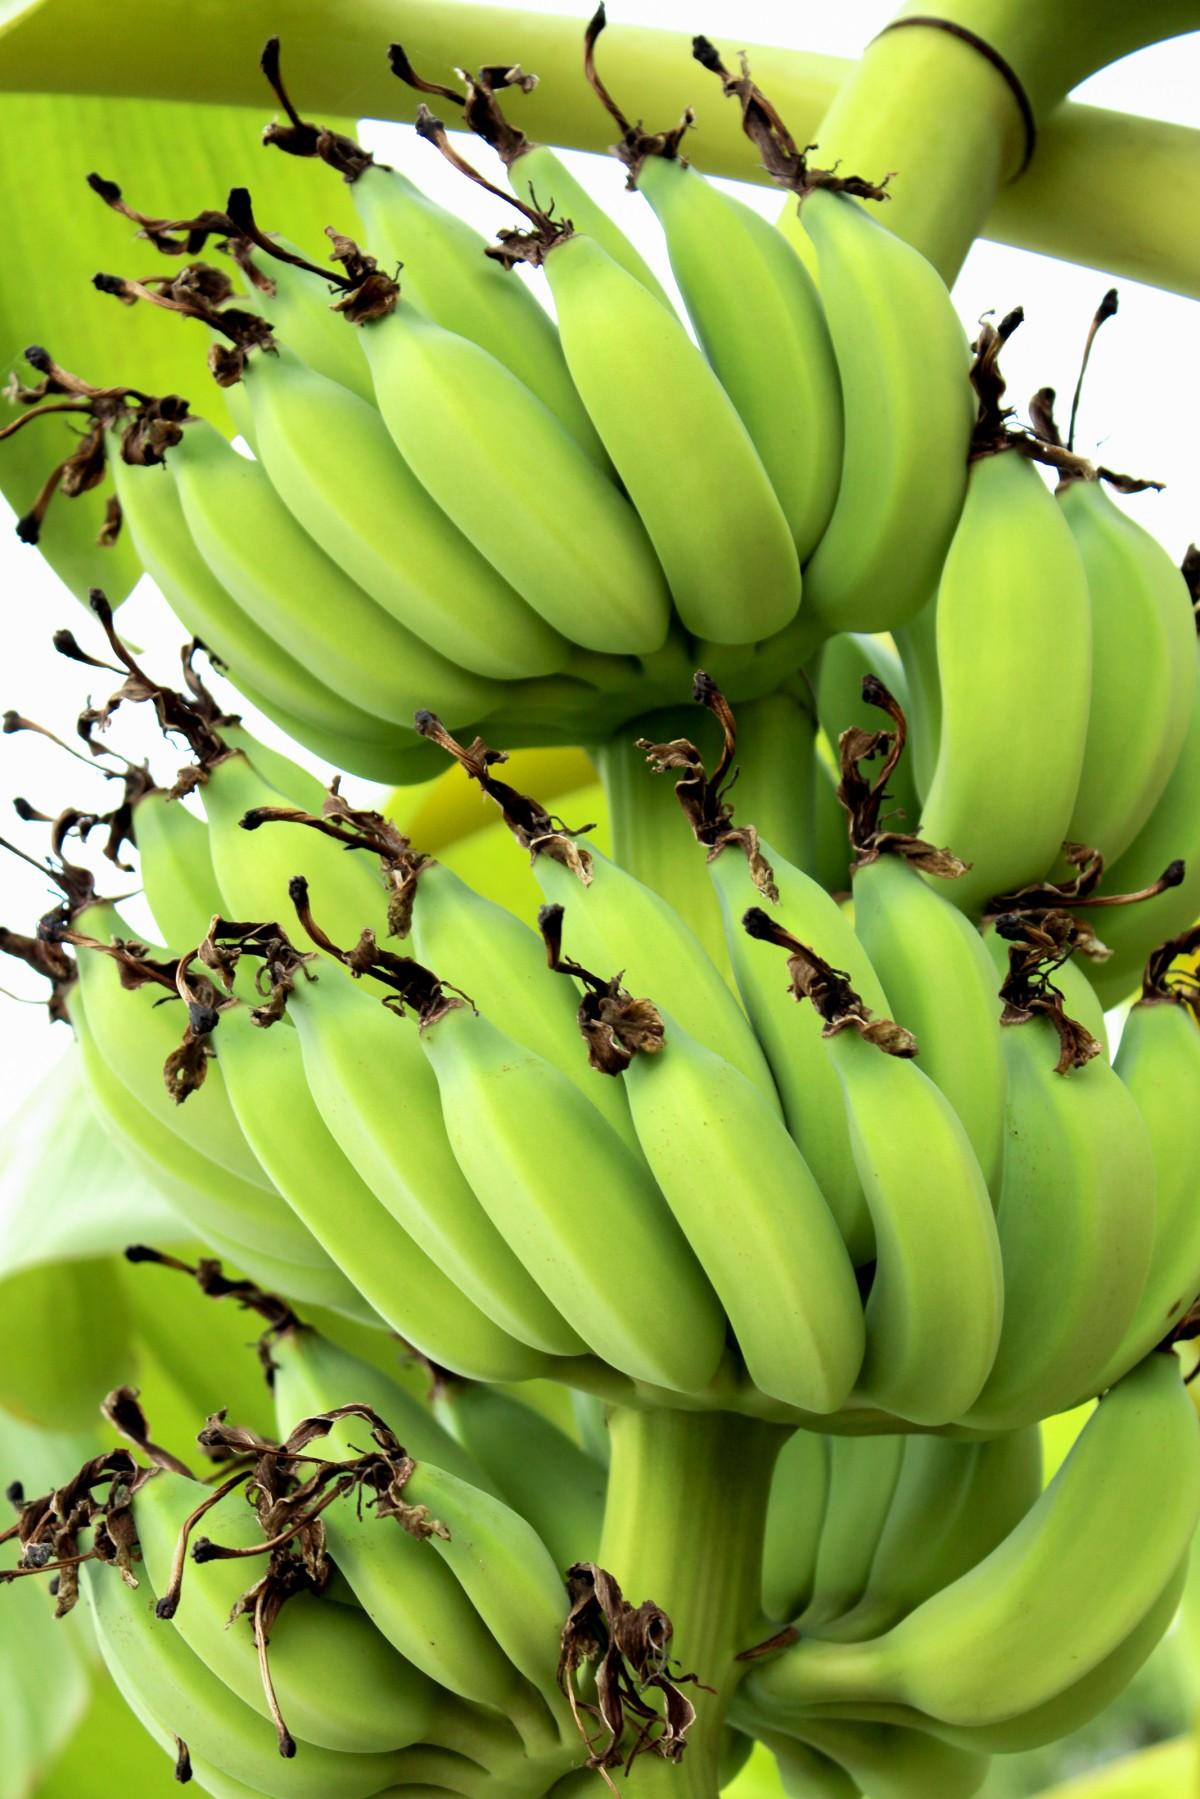 Images Gratuites : vert, tropical, aliments, fruit, banane..